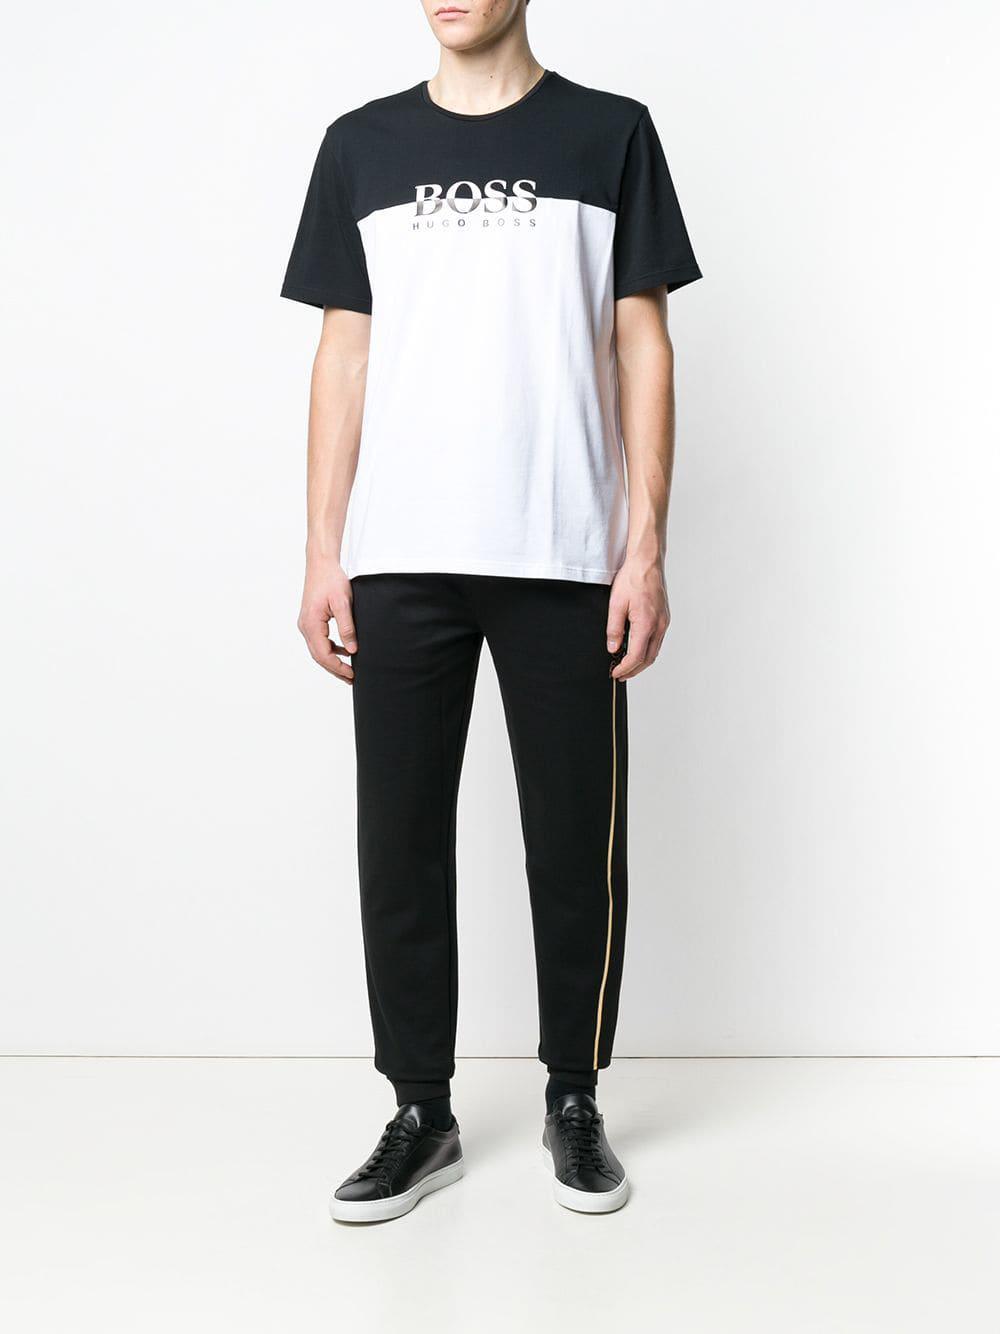 e4f335d8 BOSS Colour Block Logo T-shirt in Black for Men - Lyst